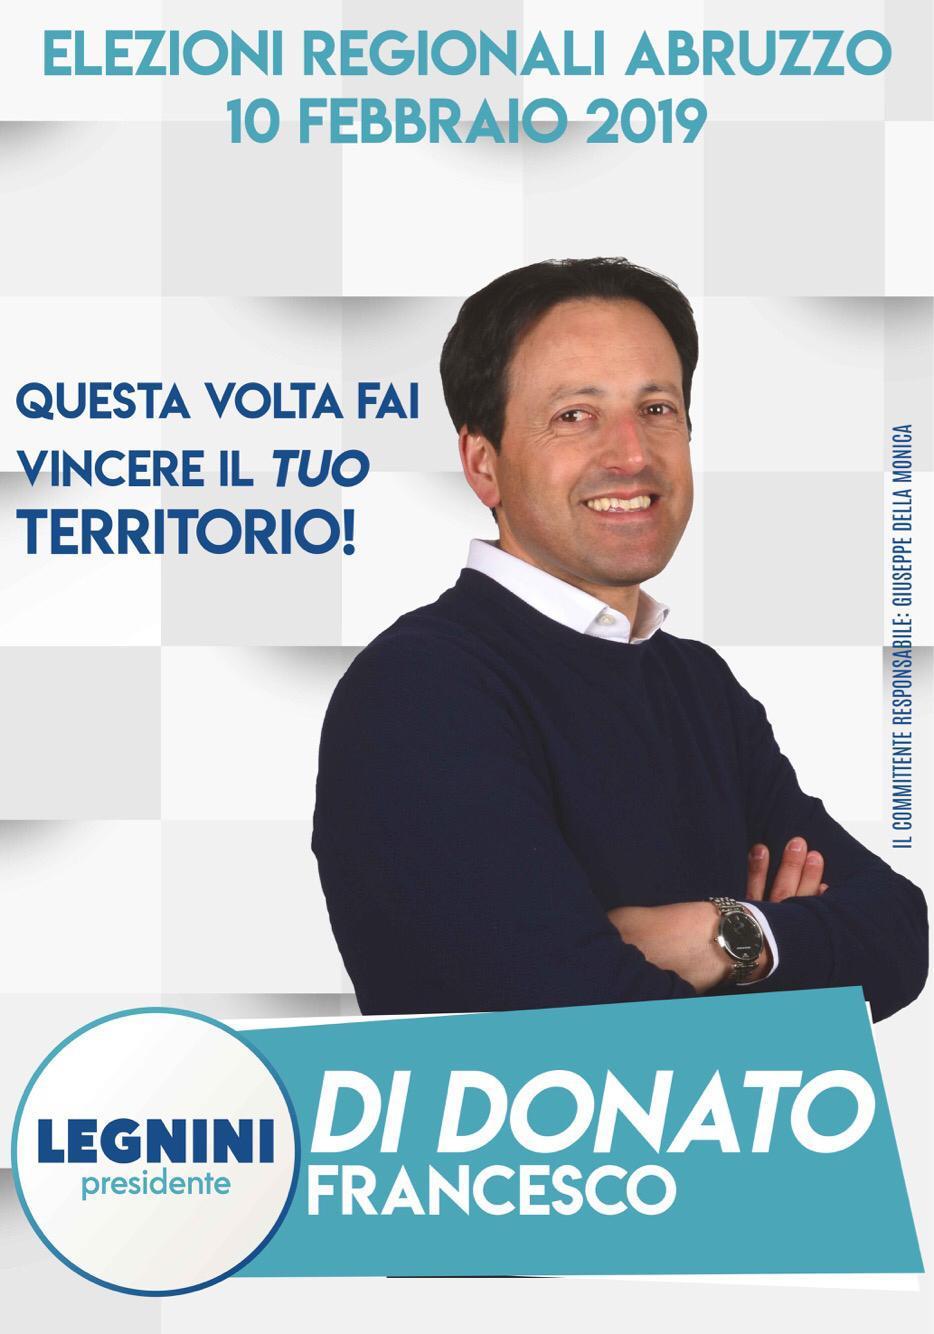 Elezioni Regionali Abruzzo 2019 Francesco Di Donato - Legnini Presidente